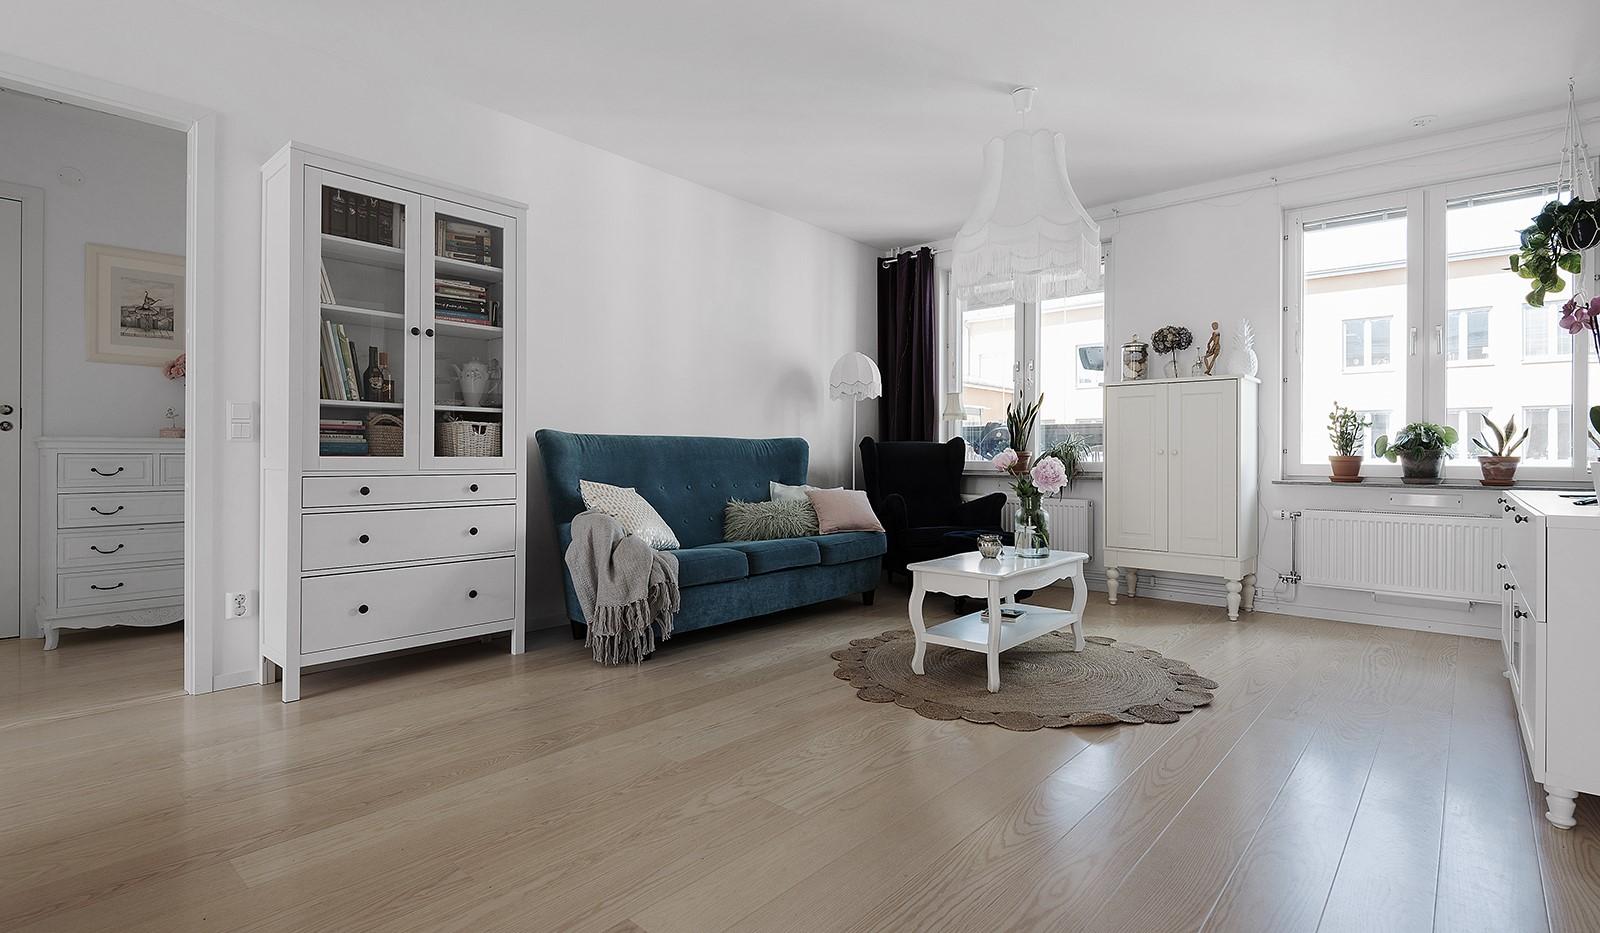 Ekfatsgatan 4, 6 tr - Luftigt vardagsrum med fint ljusinsläpp